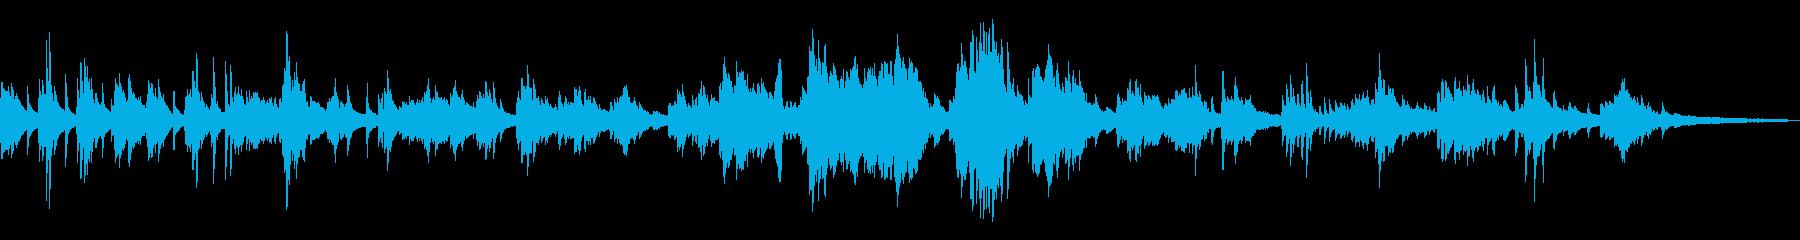 わびさびを尊重した和風曲5-ピアノソロの再生済みの波形